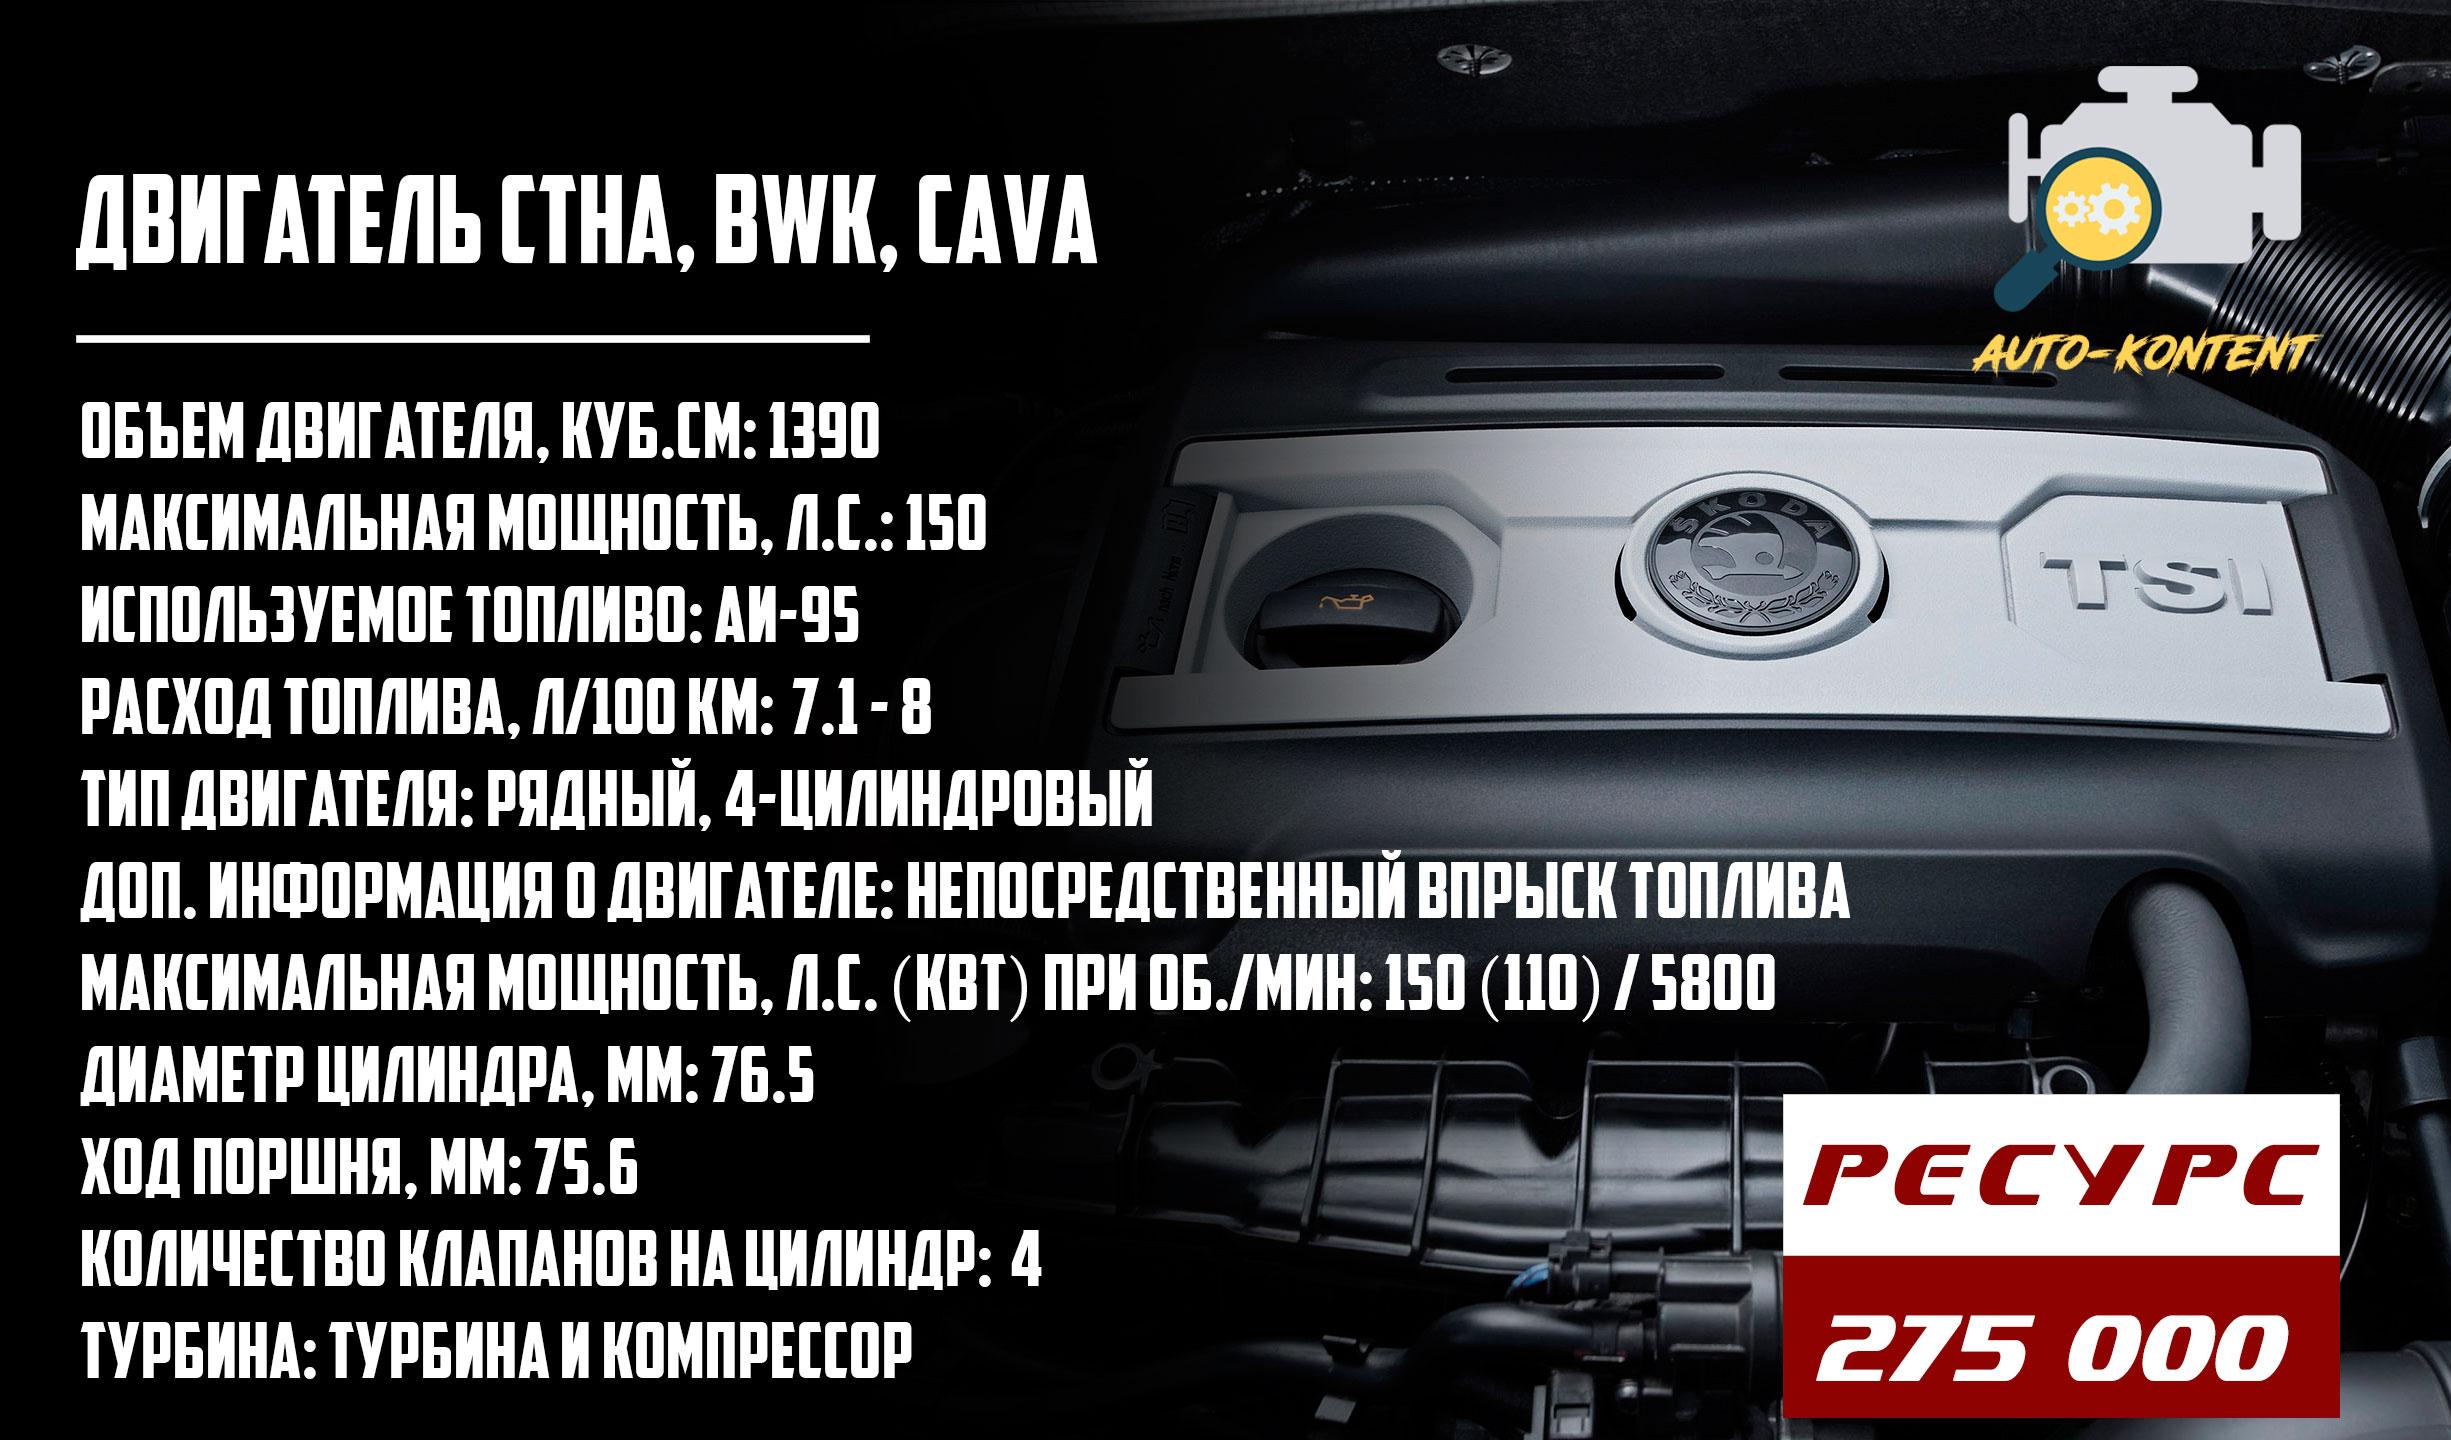 CTHA, BWK, CAVA